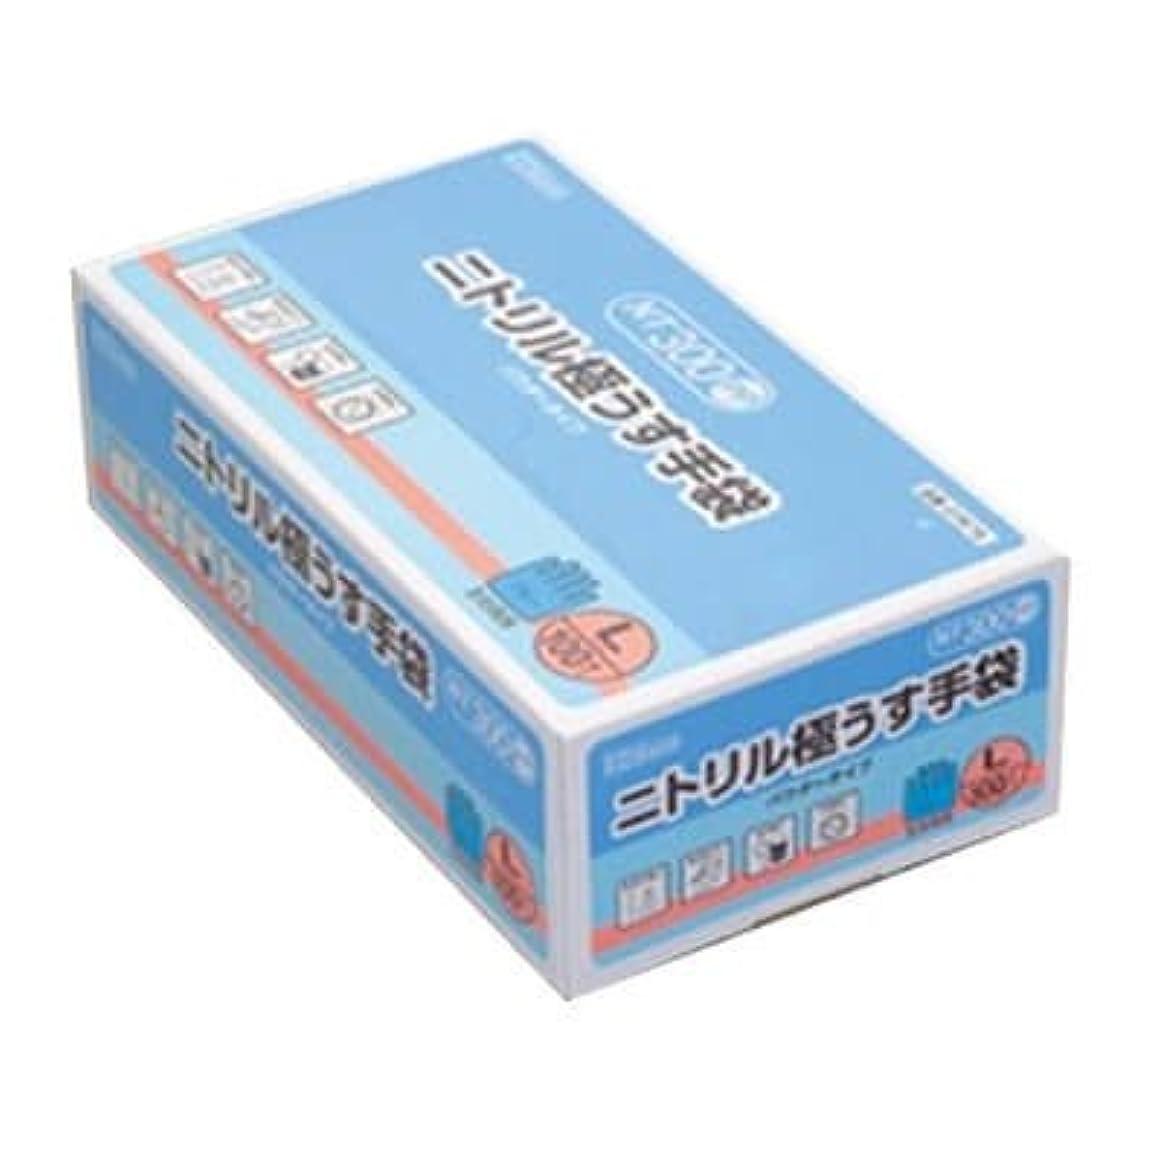 バーベキュー変更熟達した【ケース販売】 ダンロップ ニトリル極うす手袋 粉付 L ブルー NT-300 (100枚入×20箱)